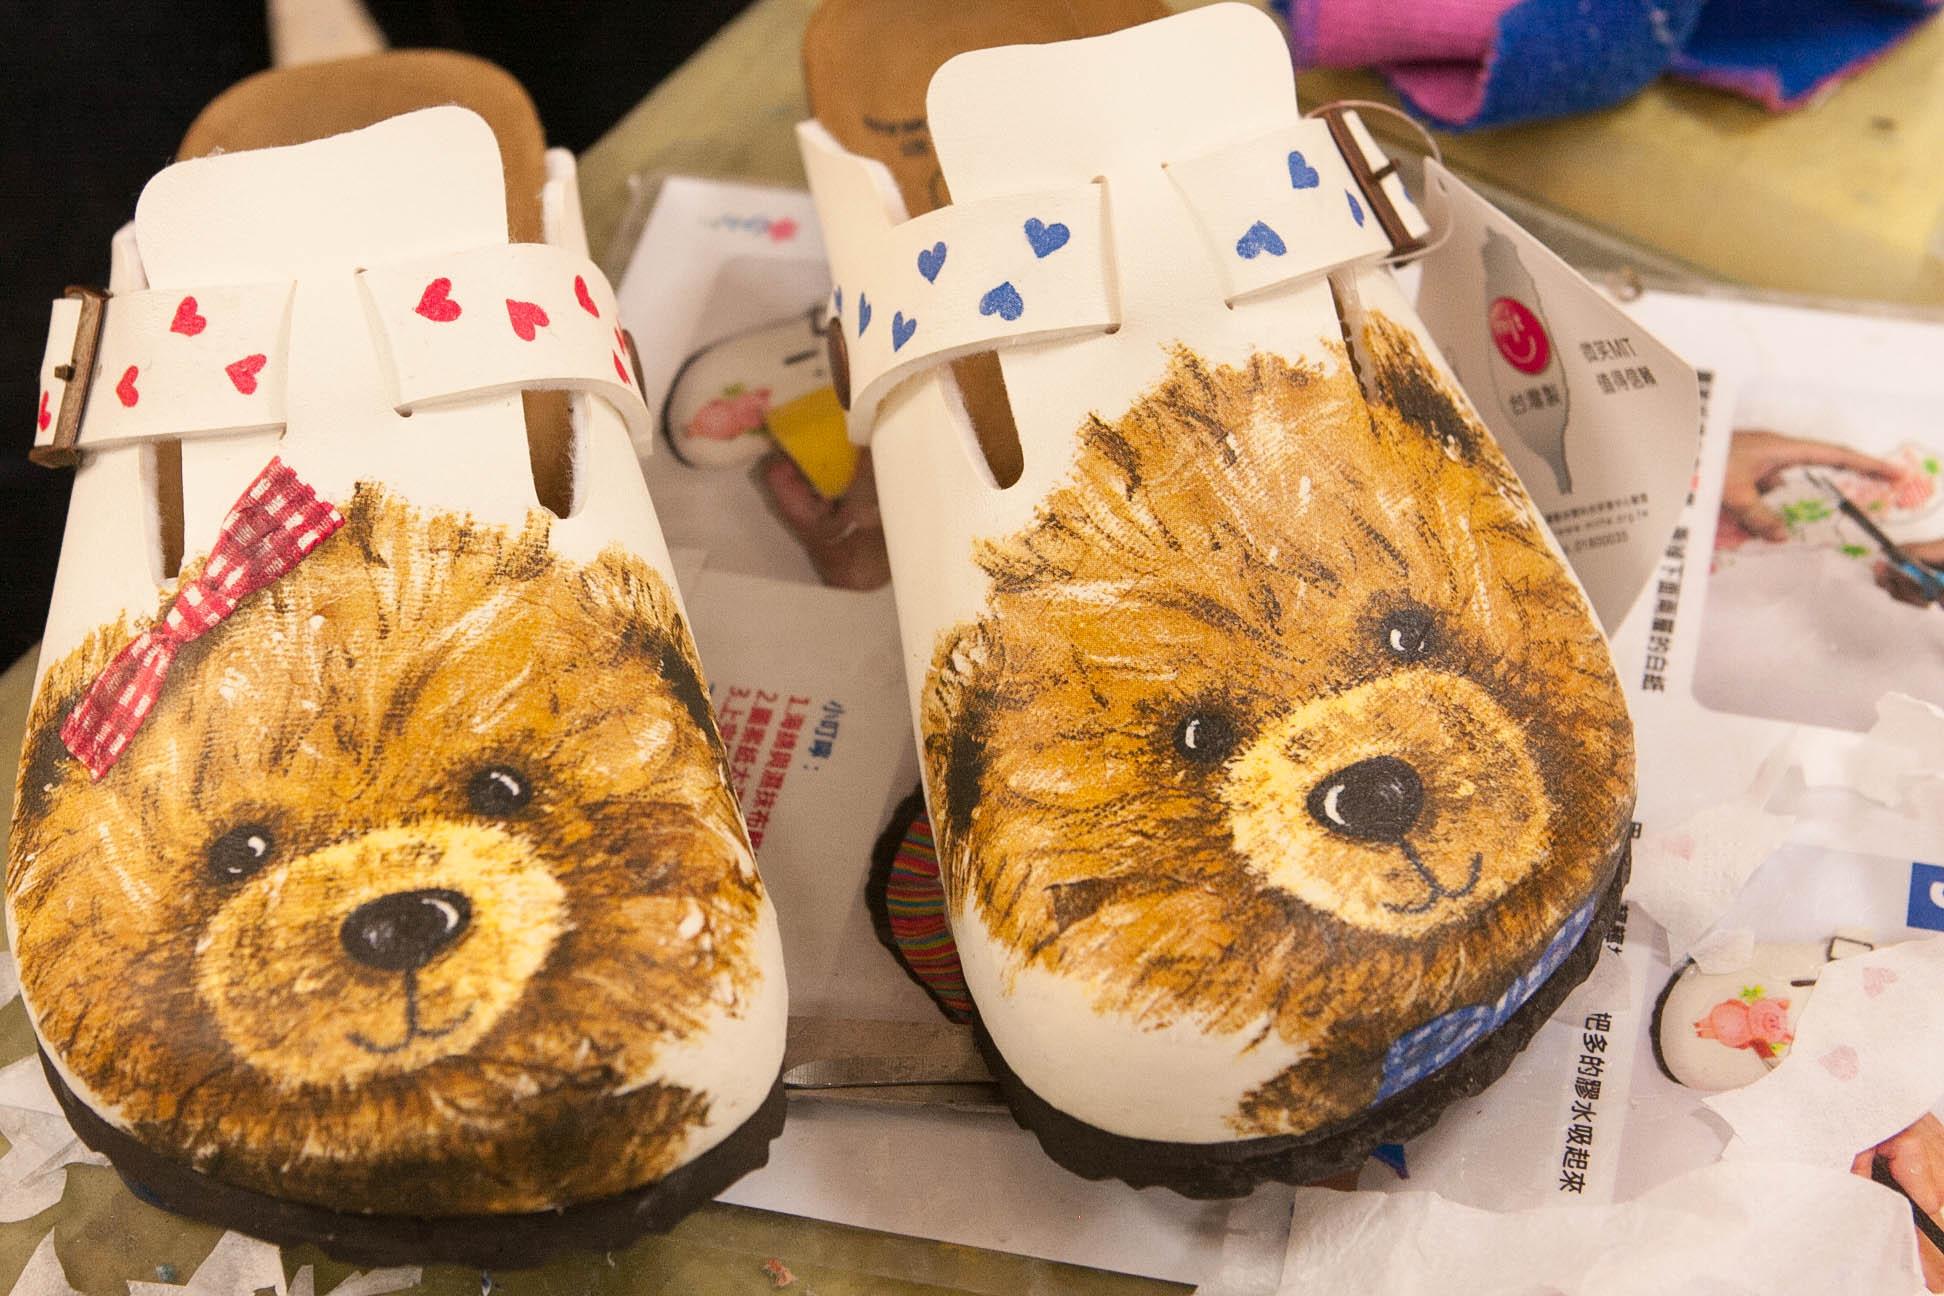 【台中約會景點|鞋寶觀光工廠】約會新玩意兒,一起做拼貼鞋紀念一下吧!